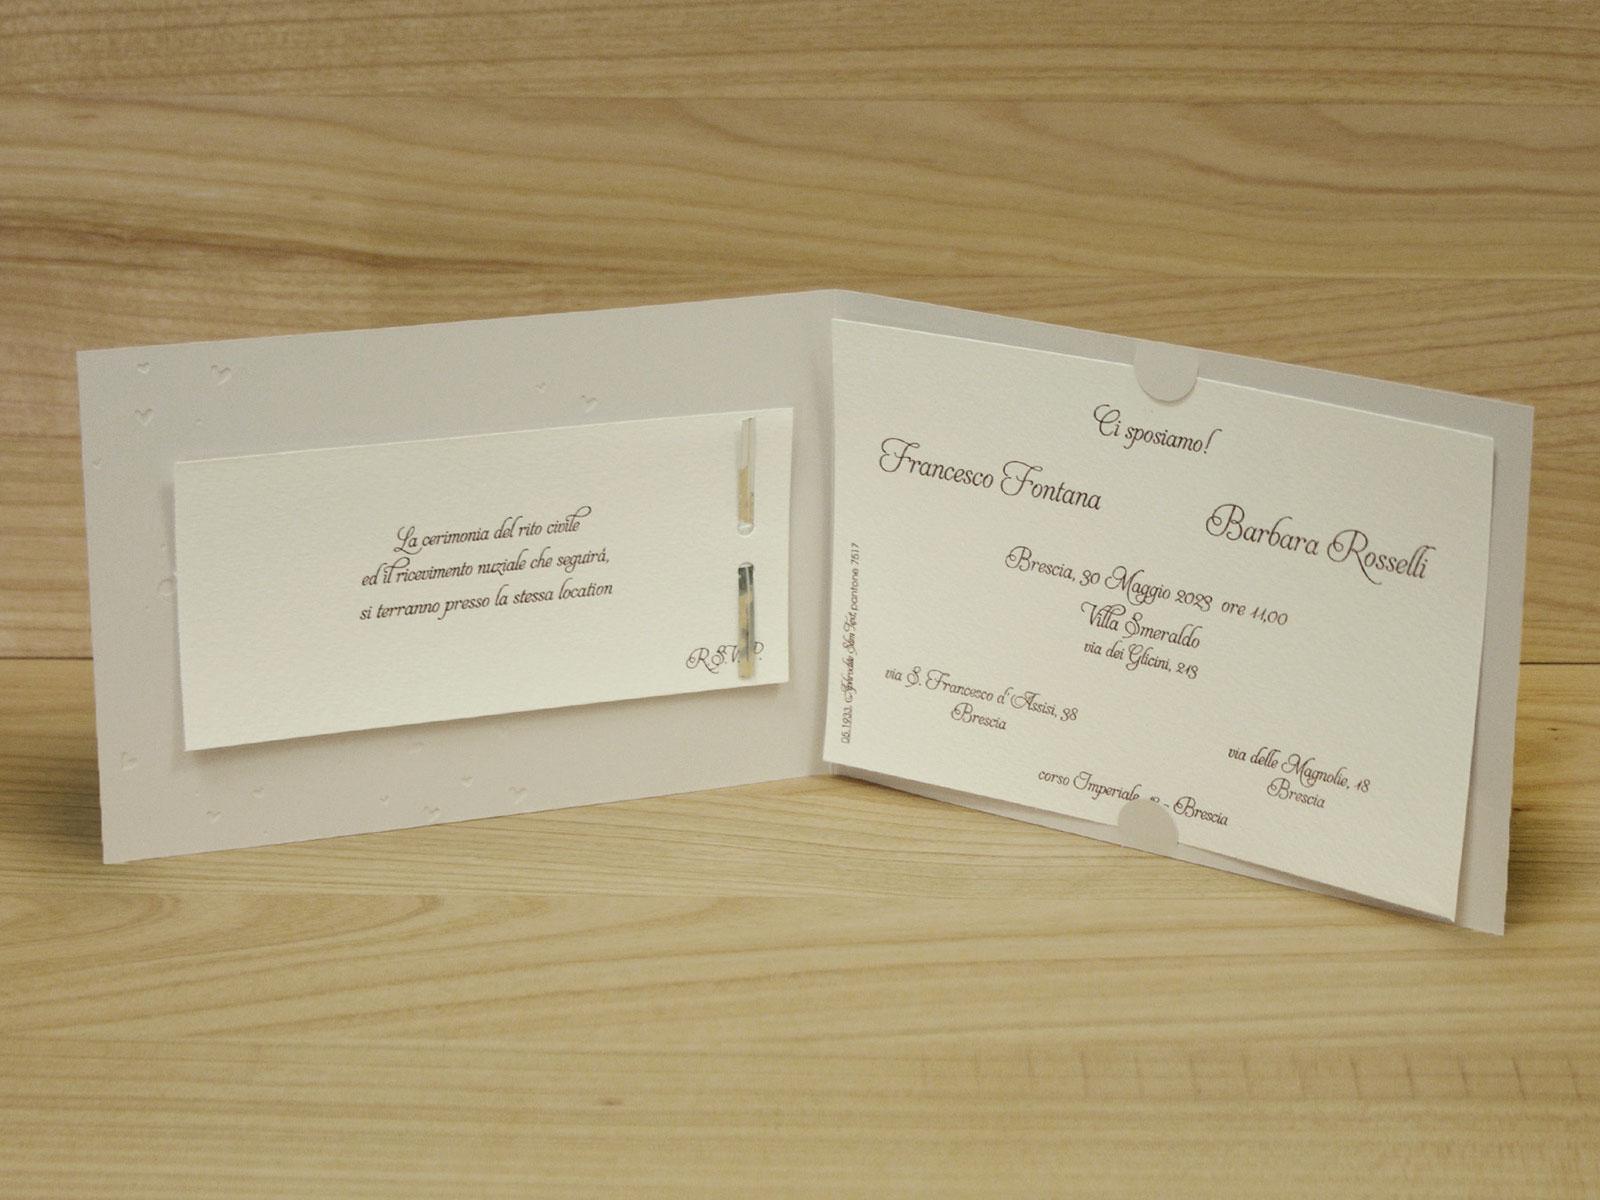 Partecipazioni Matrimonio Azzurro : Le più belle partecipazioni matrimonio eleganti campione gratuito